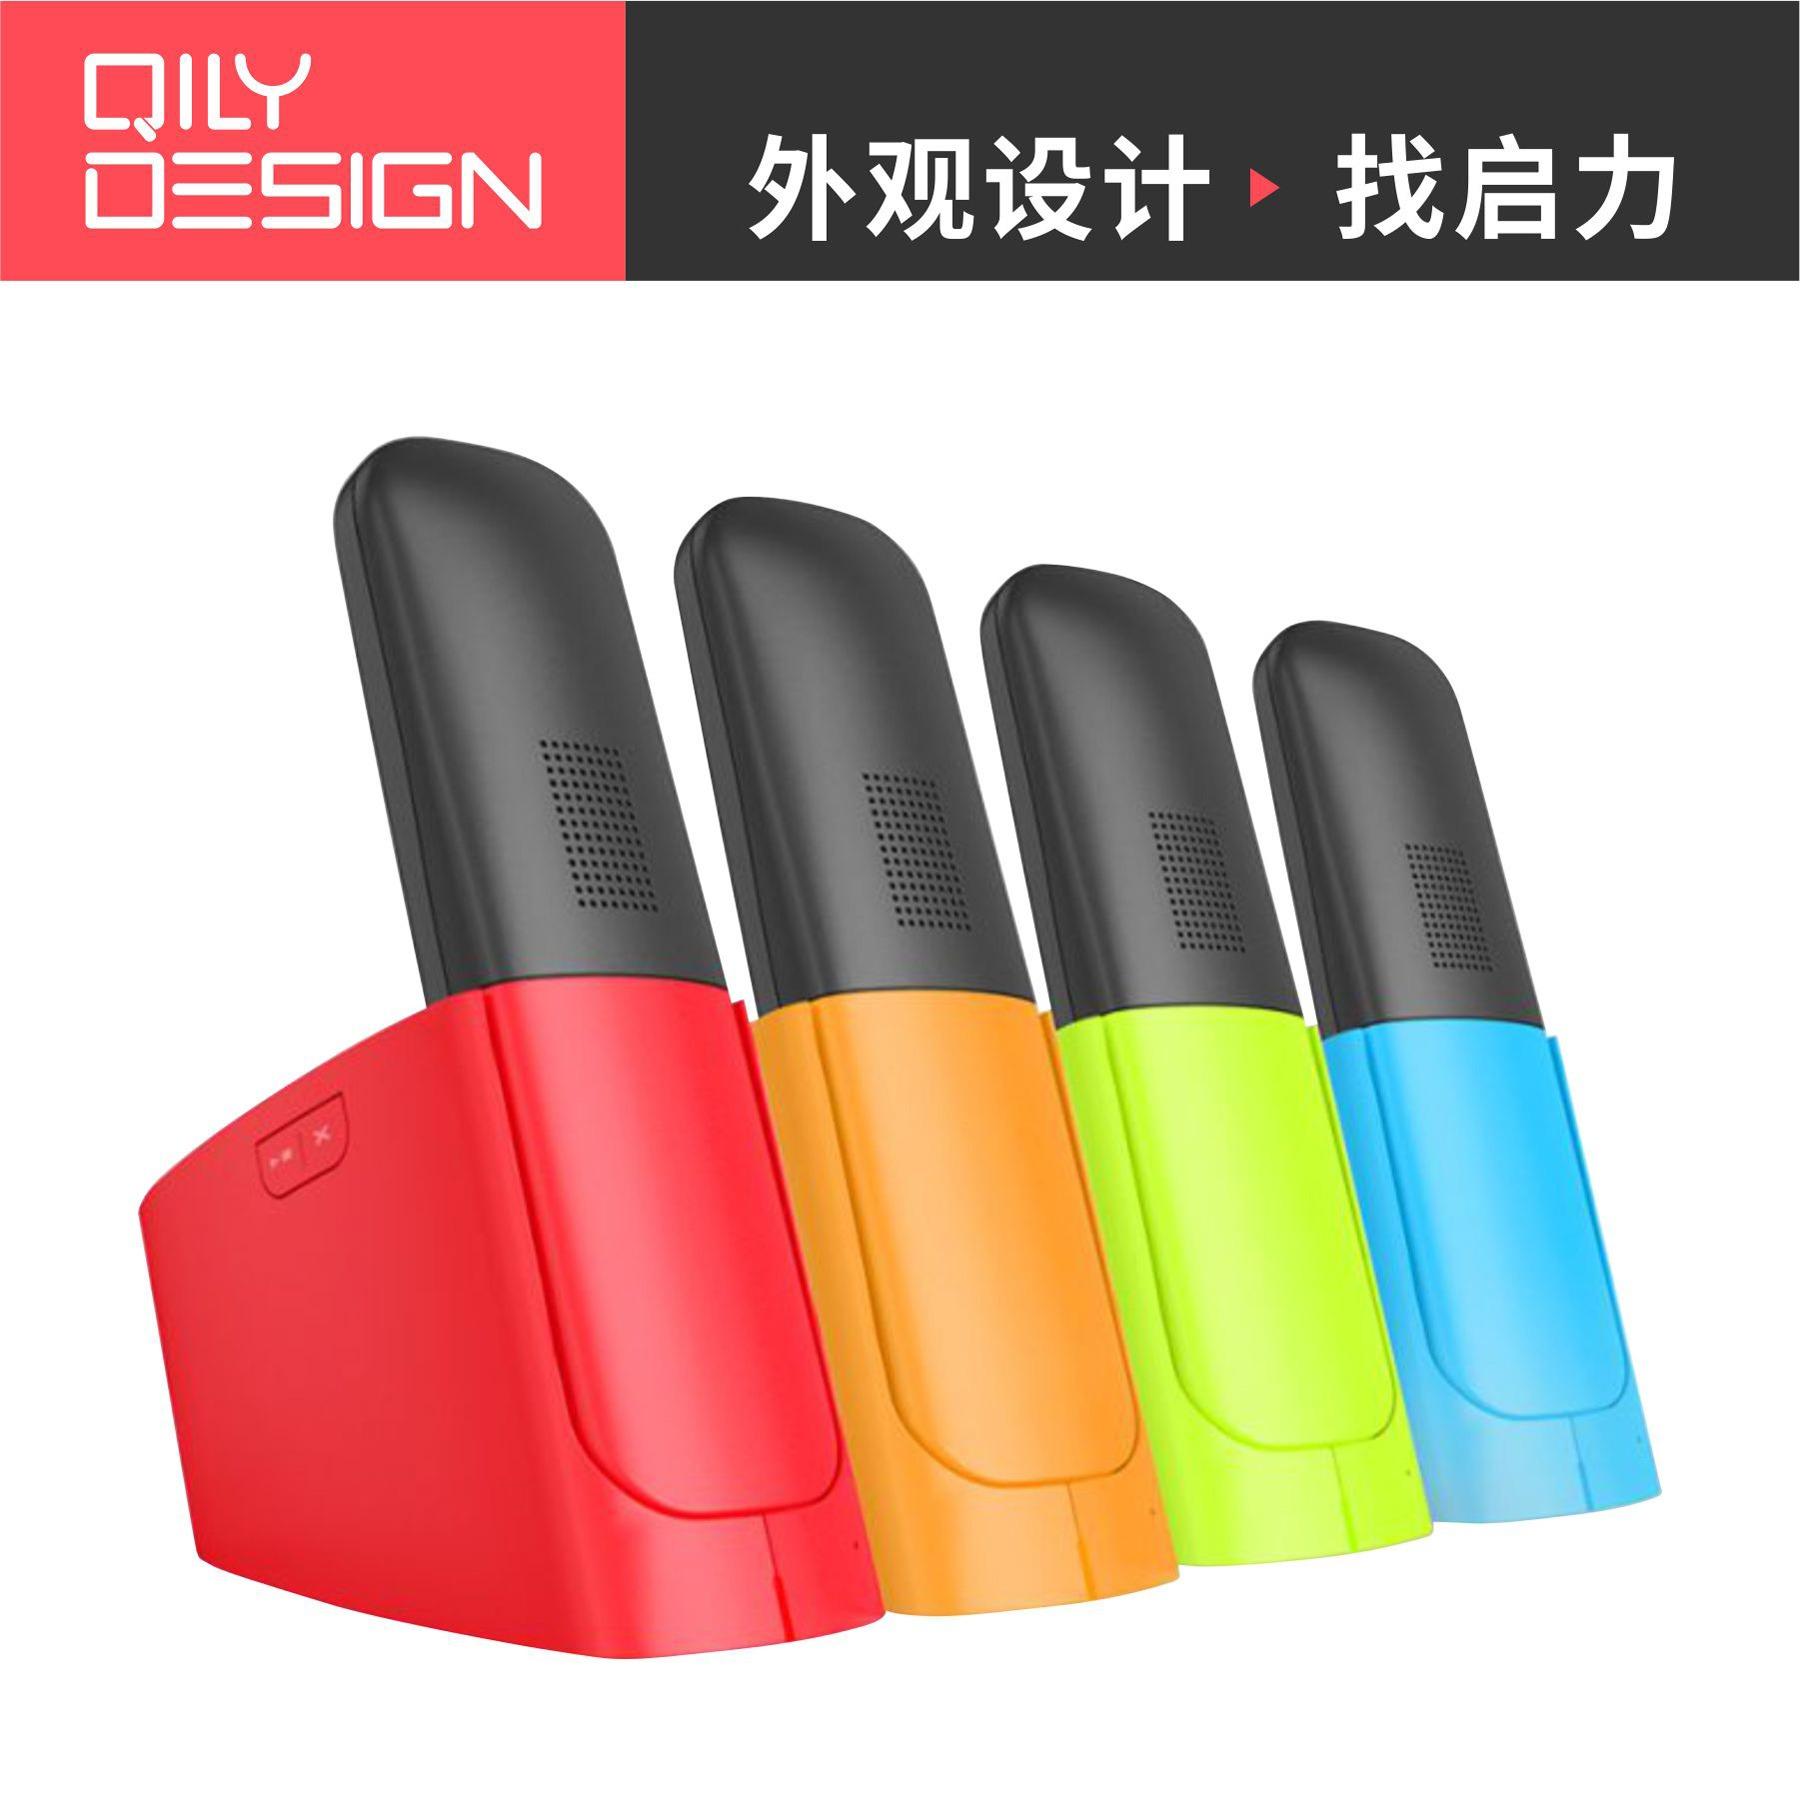 通讯数码家电医疗金融美容儿童3C配件产品外观设计工业设计